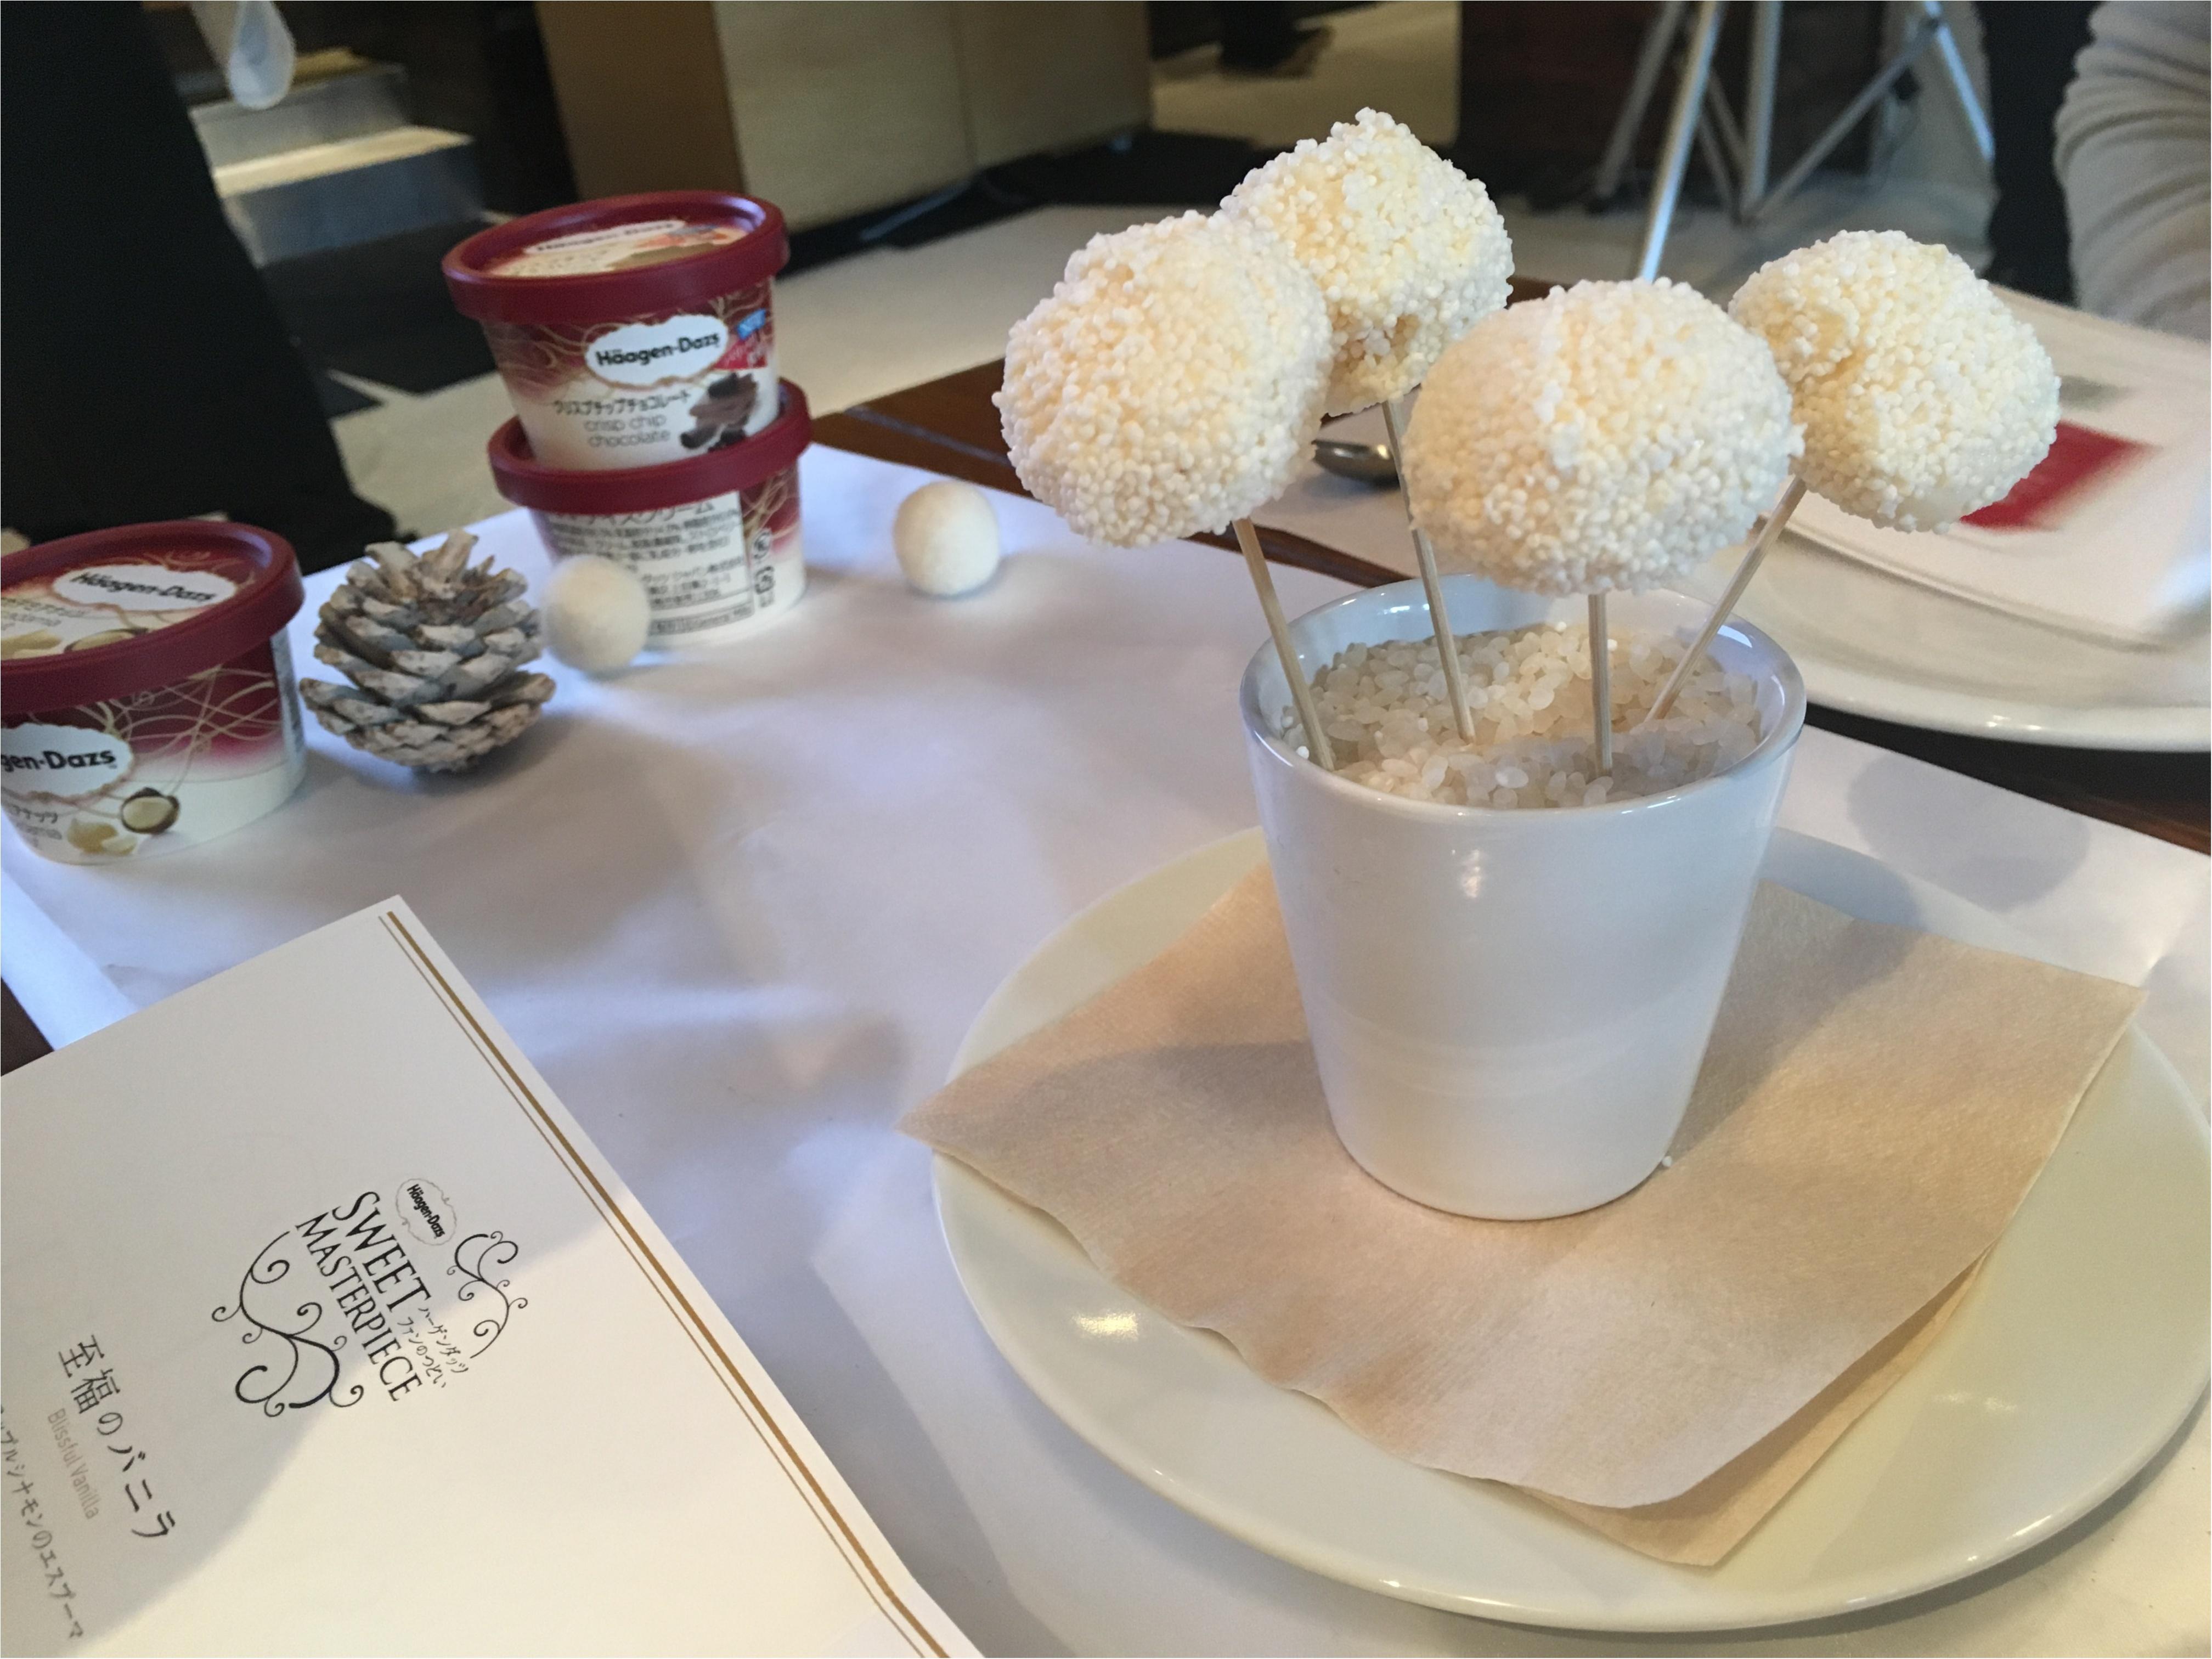 【レポ】12/5発売のあのアイスも先に食べれた『ハーゲンダッツクリスマスパーティー』は倍率250倍⁉︎_5